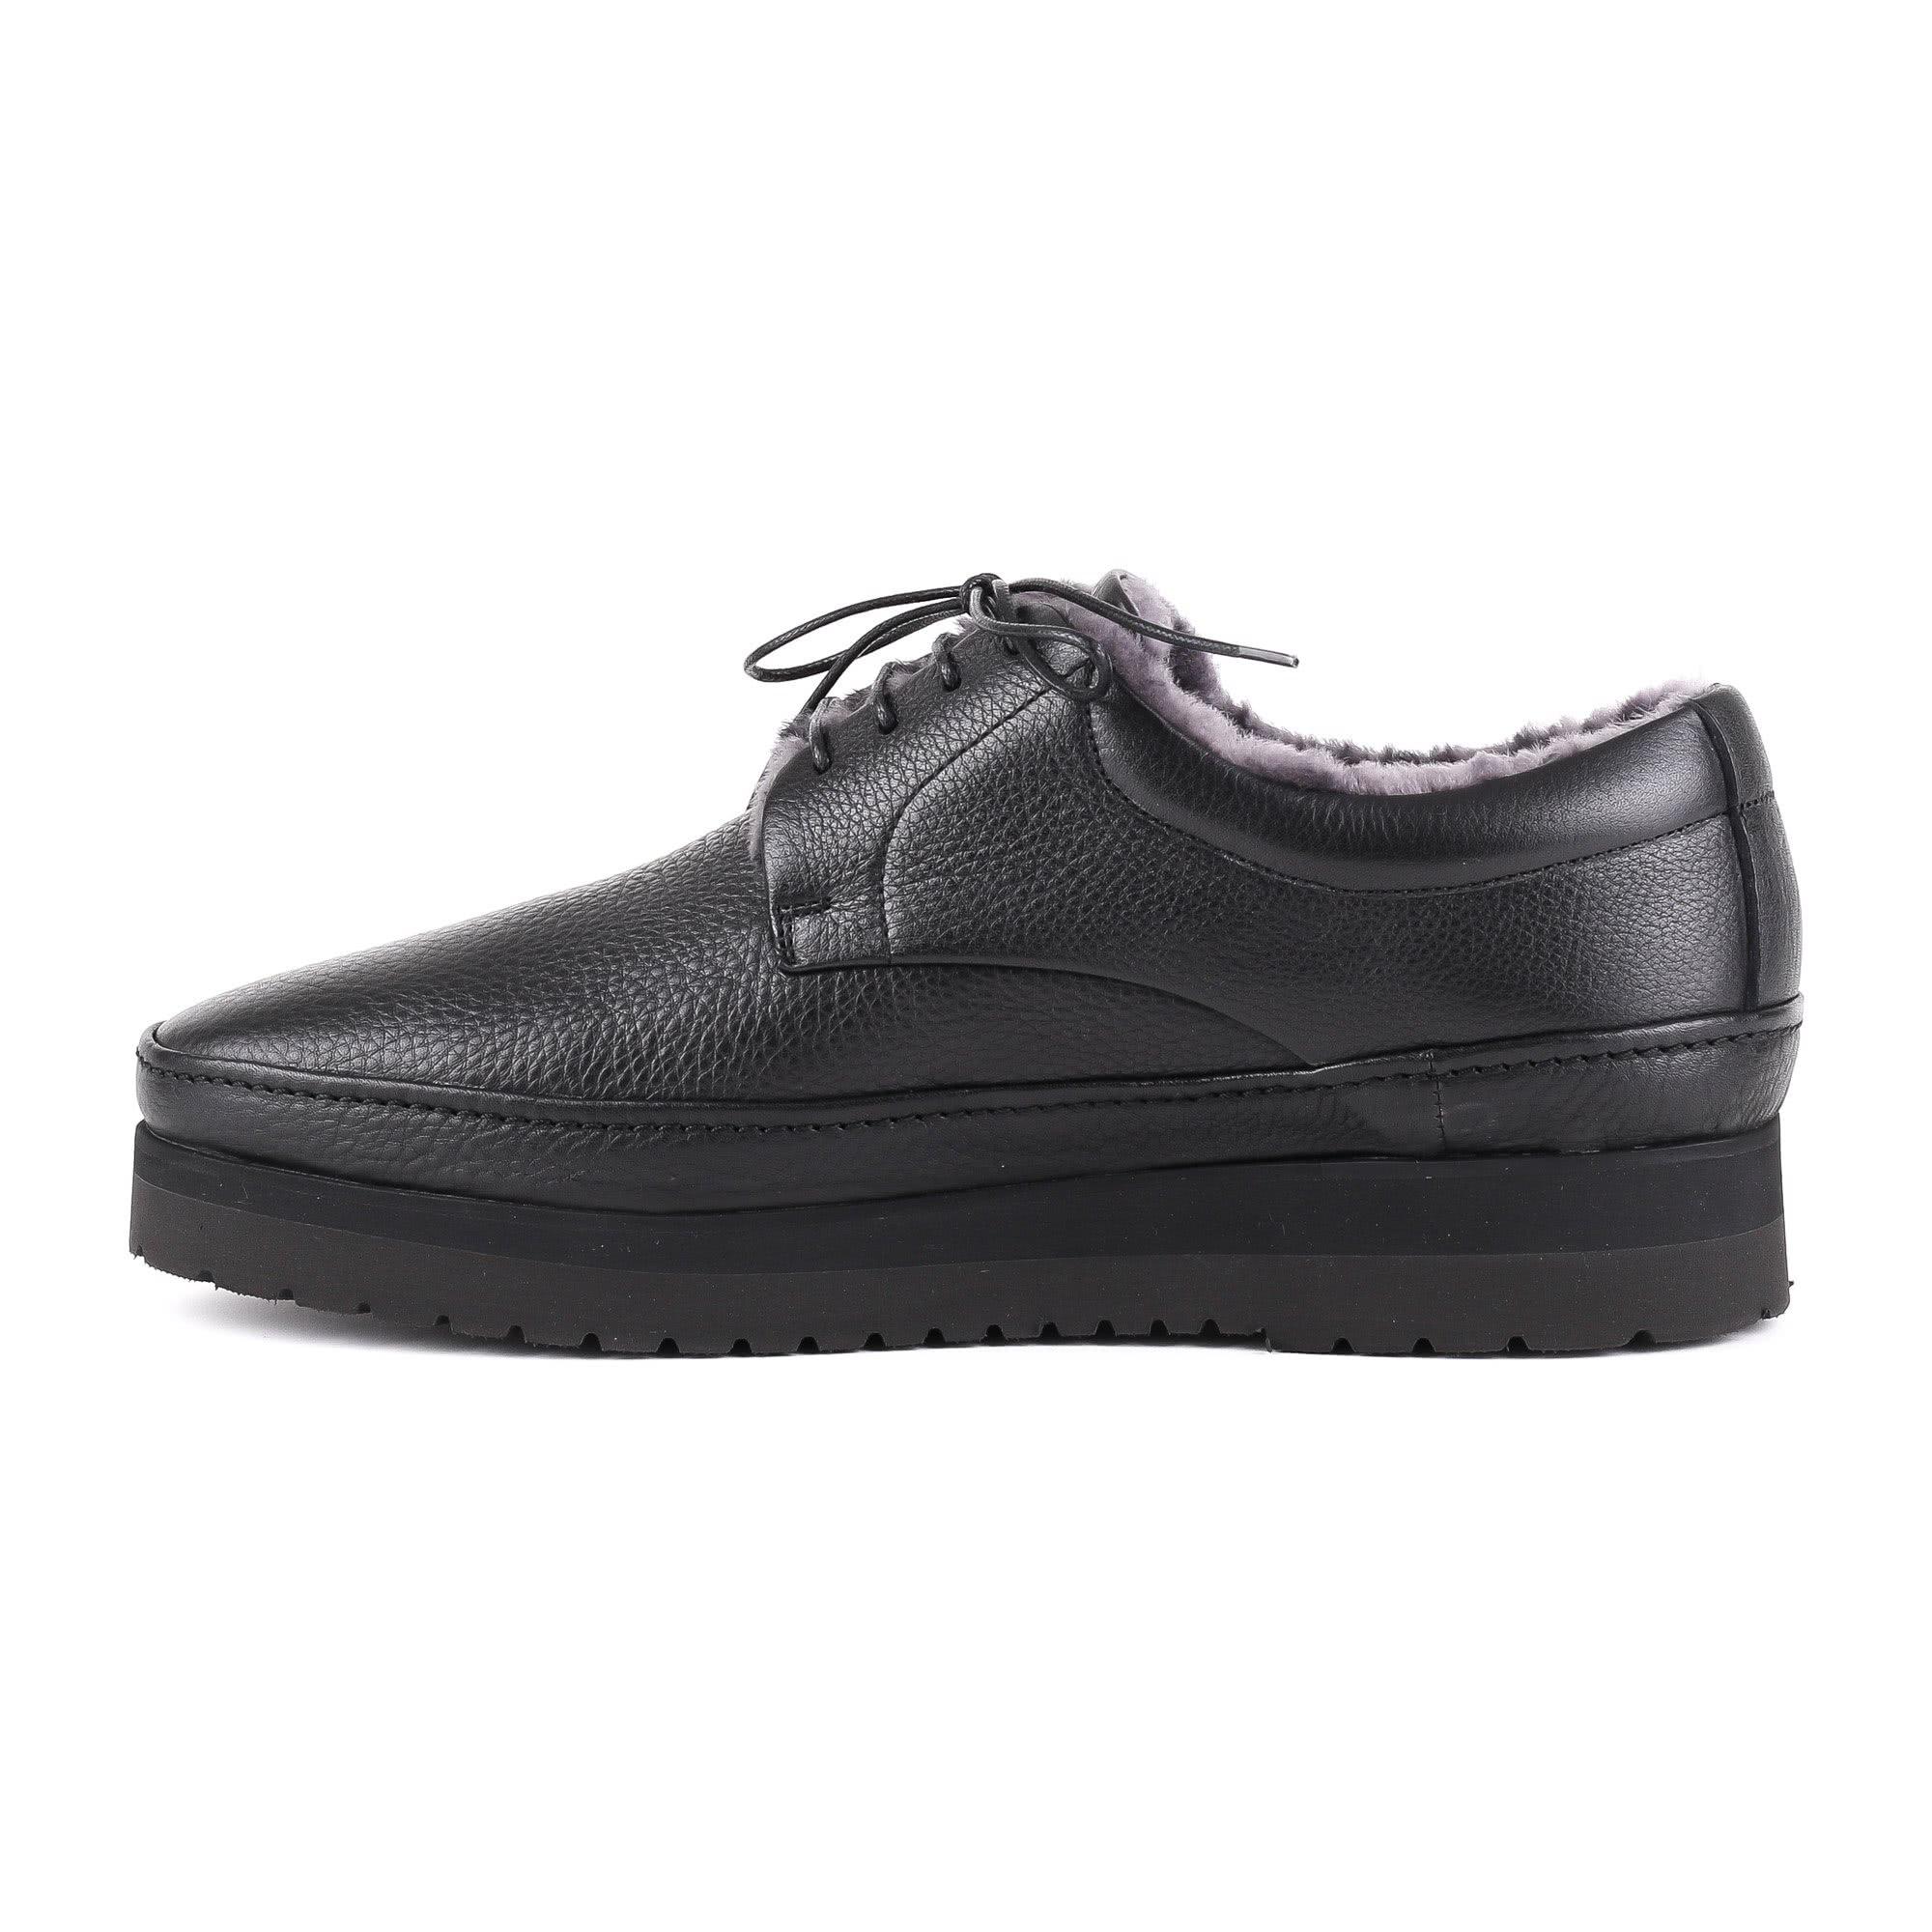 мужская обувь балдинини фото запру твою